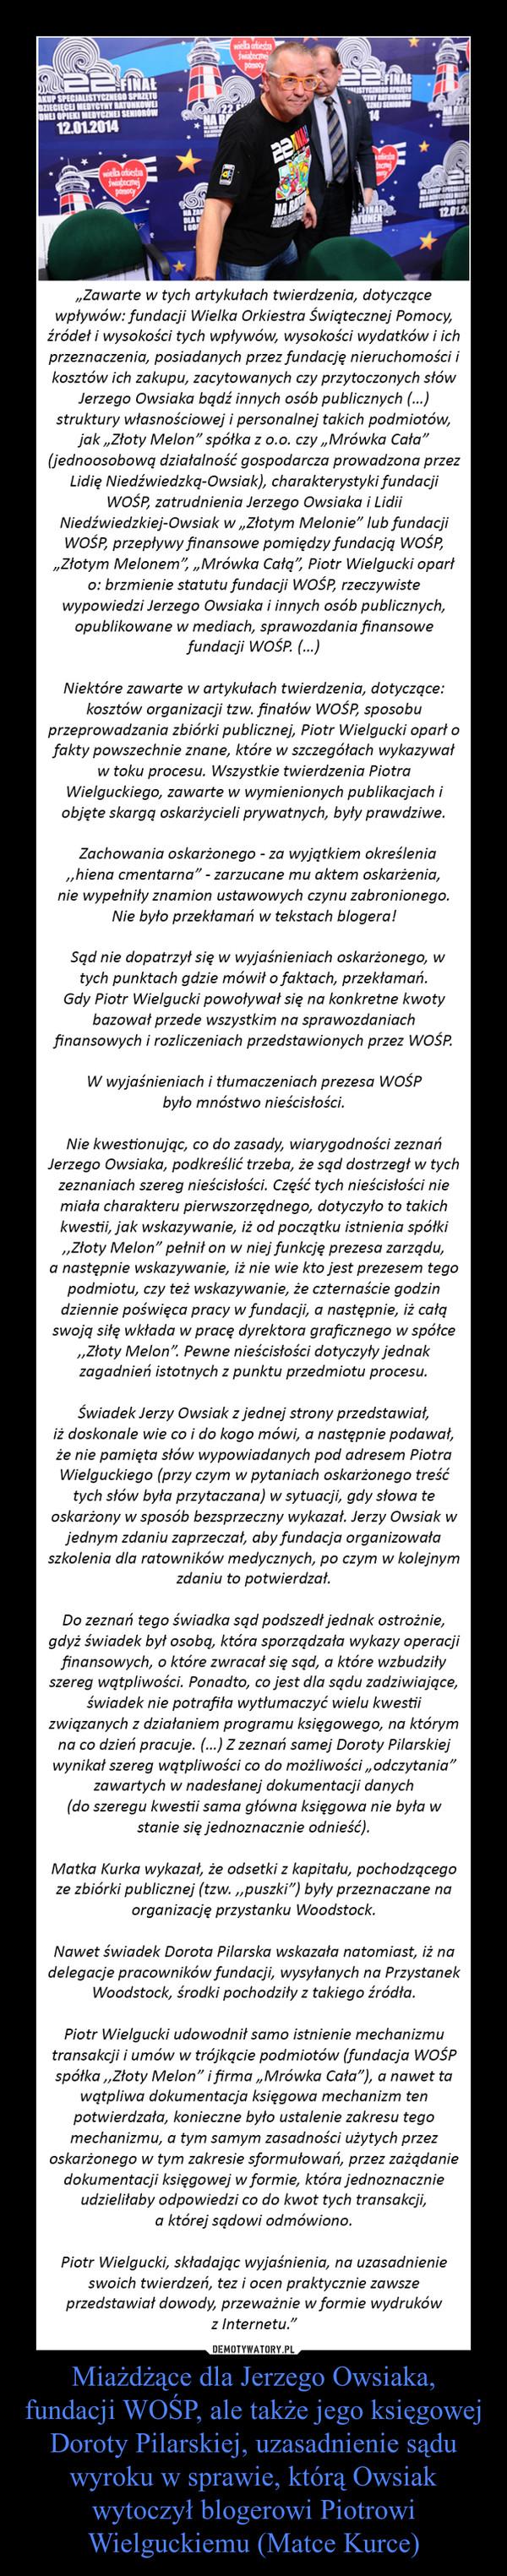 """Miażdżące dla Jerzego Owsiaka, fundacji WOŚP, ale także jego księgowej Doroty Pilarskiej, uzasadnienie sądu wyroku w sprawie, którą Owsiak wytoczył blogerowi Piotrowi Wielguckiemu (Matce Kurce) –   """"Zawarte w tych artykułach twierdzenia, dotyczącewpływów: fundacji Wielka Orkiestra Świątecznej Pomocy, źródeł i wysokości tych wpływów, wysokości wydatków i ich przeznaczenia, posiadanych przez fundację nieruchomości i kosztów ich zakupu, zacytowanych czy przytoczonych słów Jerzego Owsiaka bądź innych osób publicznych (…)struktury własnościowej i personalnej takich podmiotów, jak """"Złoty Melon"""" spółka z o.o. czy """"Mrówka Cała""""(jednoosobową działalność gospodarcza prowadzona przez Lidię Niedźwiedzką-Owsiak), charakterystyki fundacji WOŚP, zatrudnienia Jerzego Owsiaka i LidiiNiedźwiedzkiej-Owsiak w """"Złotym Melonie"""" lub fundacji WOŚP, przepływy finansowe pomiędzy fundacją WOŚP, """"Złotym Melonem"""", """"Mrówka Całą"""", Piotr Wielgucki oparł o: brzmienie statutu fundacji WOŚP, rzeczywistewypowiedzi Jerzego Owsiaka i innych osób publicznych, opublikowane w mediach, sprawozdania finansowefundacji WOŚP. (…)   Niektóre zawarte w artykułach twierdzenia, dotyczące: kosztów organizacji tzw. finałów WOŚP, sposobuprzeprowadzania zbiórki publicznej, Piotr Wielgucki oparł o fakty powszechnie znane, które w szczegółach wykazywał w toku procesu. Wszystkie twierdzenia PiotraWielguckiego, zawarte w wymienionych publikacjach i objęte skargą oskarżycieli prywatnych, były prawdziwe.    Zachowania oskarżonego - za wyjątkiem określenia ,,hiena cmentarna"""" - zarzucane mu aktem oskarżenia,nie wypełniły znamion ustawowych czynu zabronionego. Nie było przekłamań w tekstach blogera!     Sąd nie dopatrzył się w wyjaśnieniach oskarżonego, w tych punktach gdzie mówił o faktach, przekłamań.Gdy Piotr Wielgucki powoływał się na konkretne kwotybazował przede wszystkim na sprawozdaniachfinansowych i rozliczeniach przedstawionych przez WOŚP.   W wyjaśnieniach i tłumaczeniach prezesa WOŚPbyło mnóstwo nieścisłości.  Nie k"""